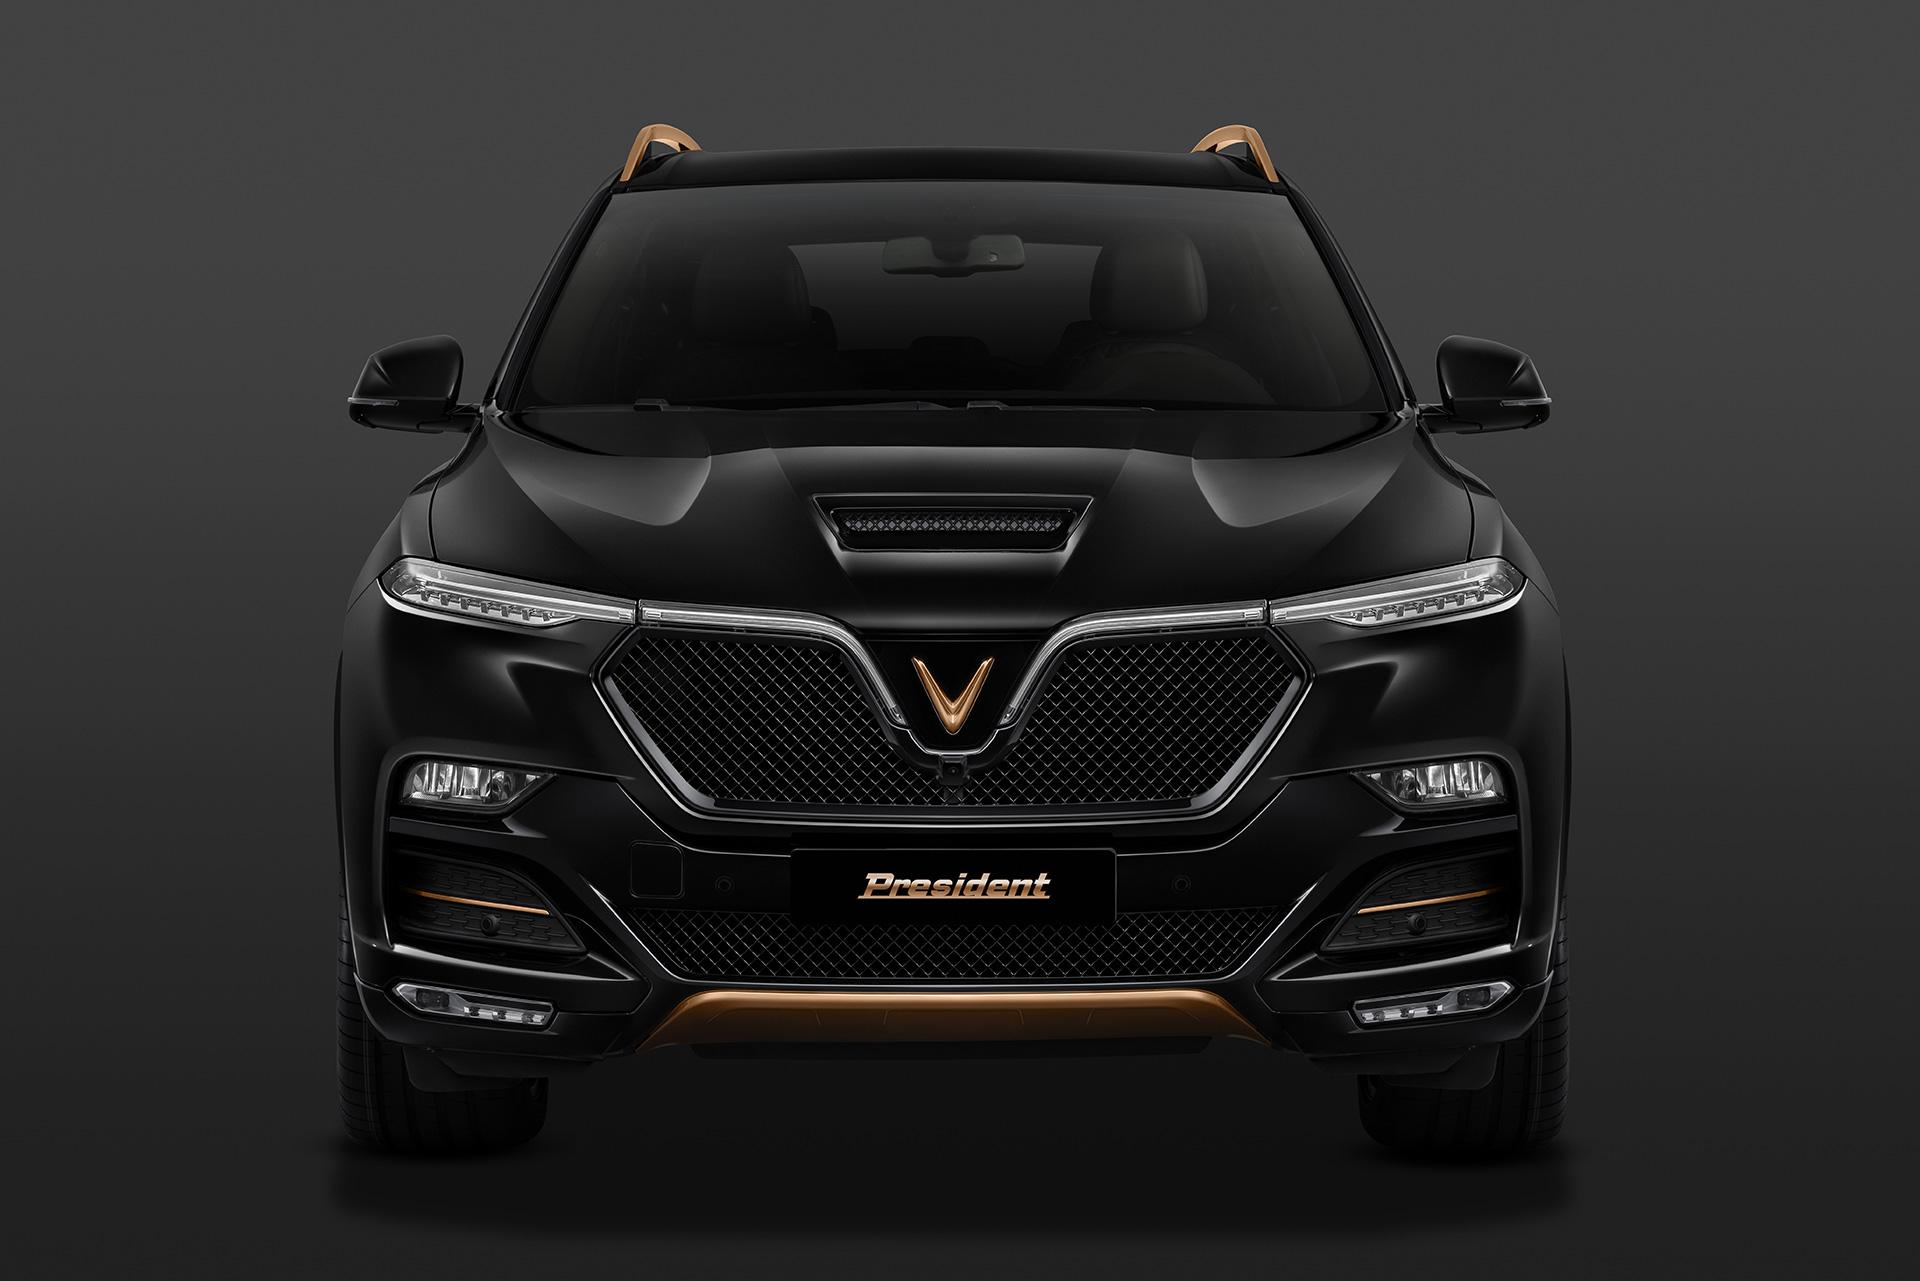 VinFast giới thiệu xe phiên bản giới hạn President 3